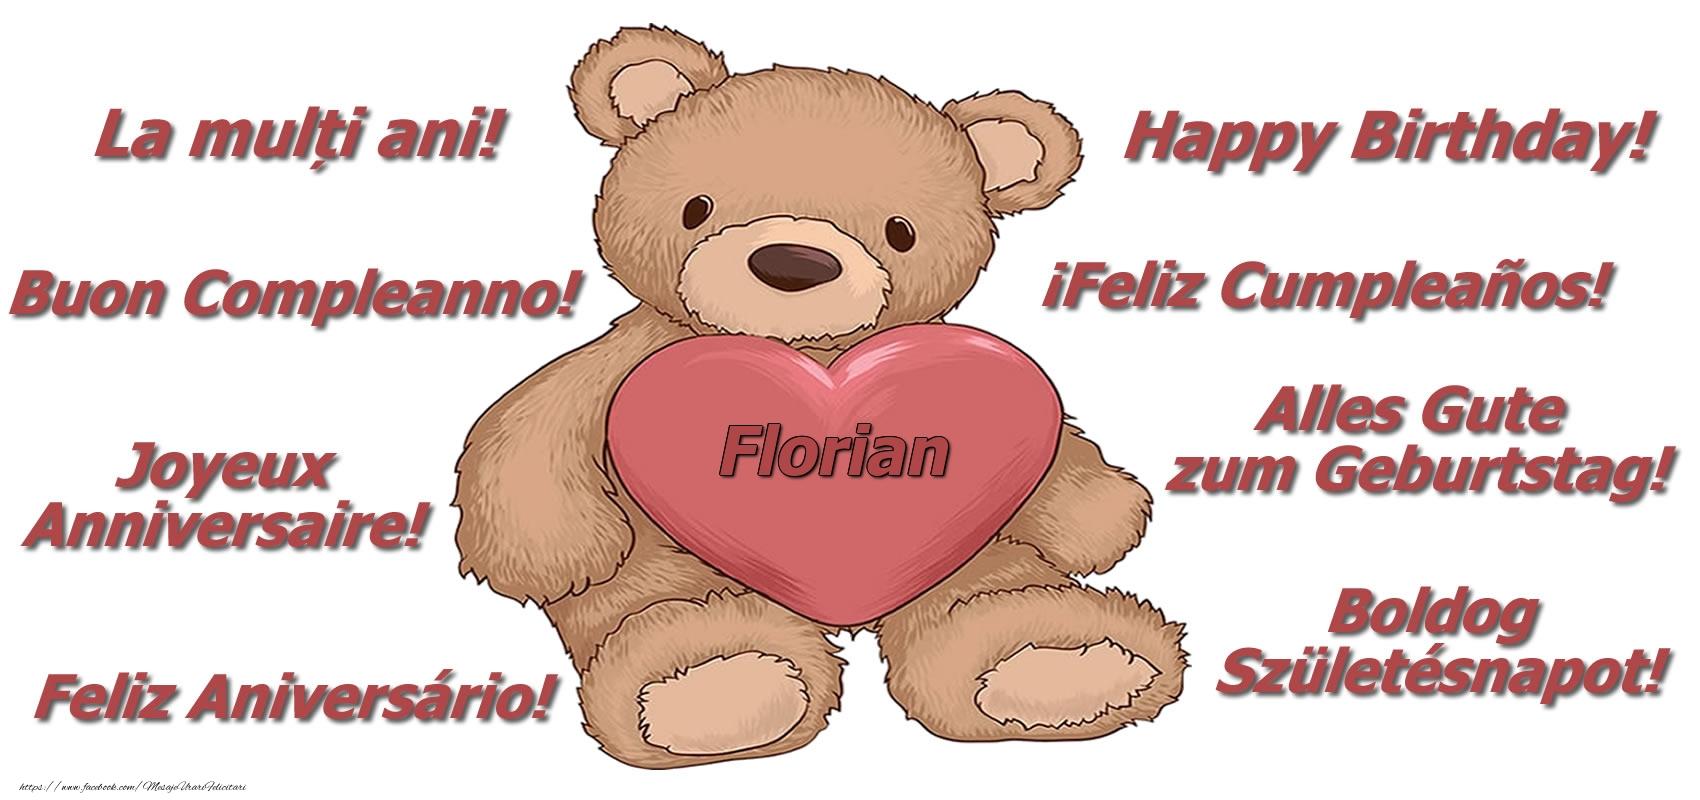 Felicitari de zi de nastere - La multi ani Florian! - Ursulet